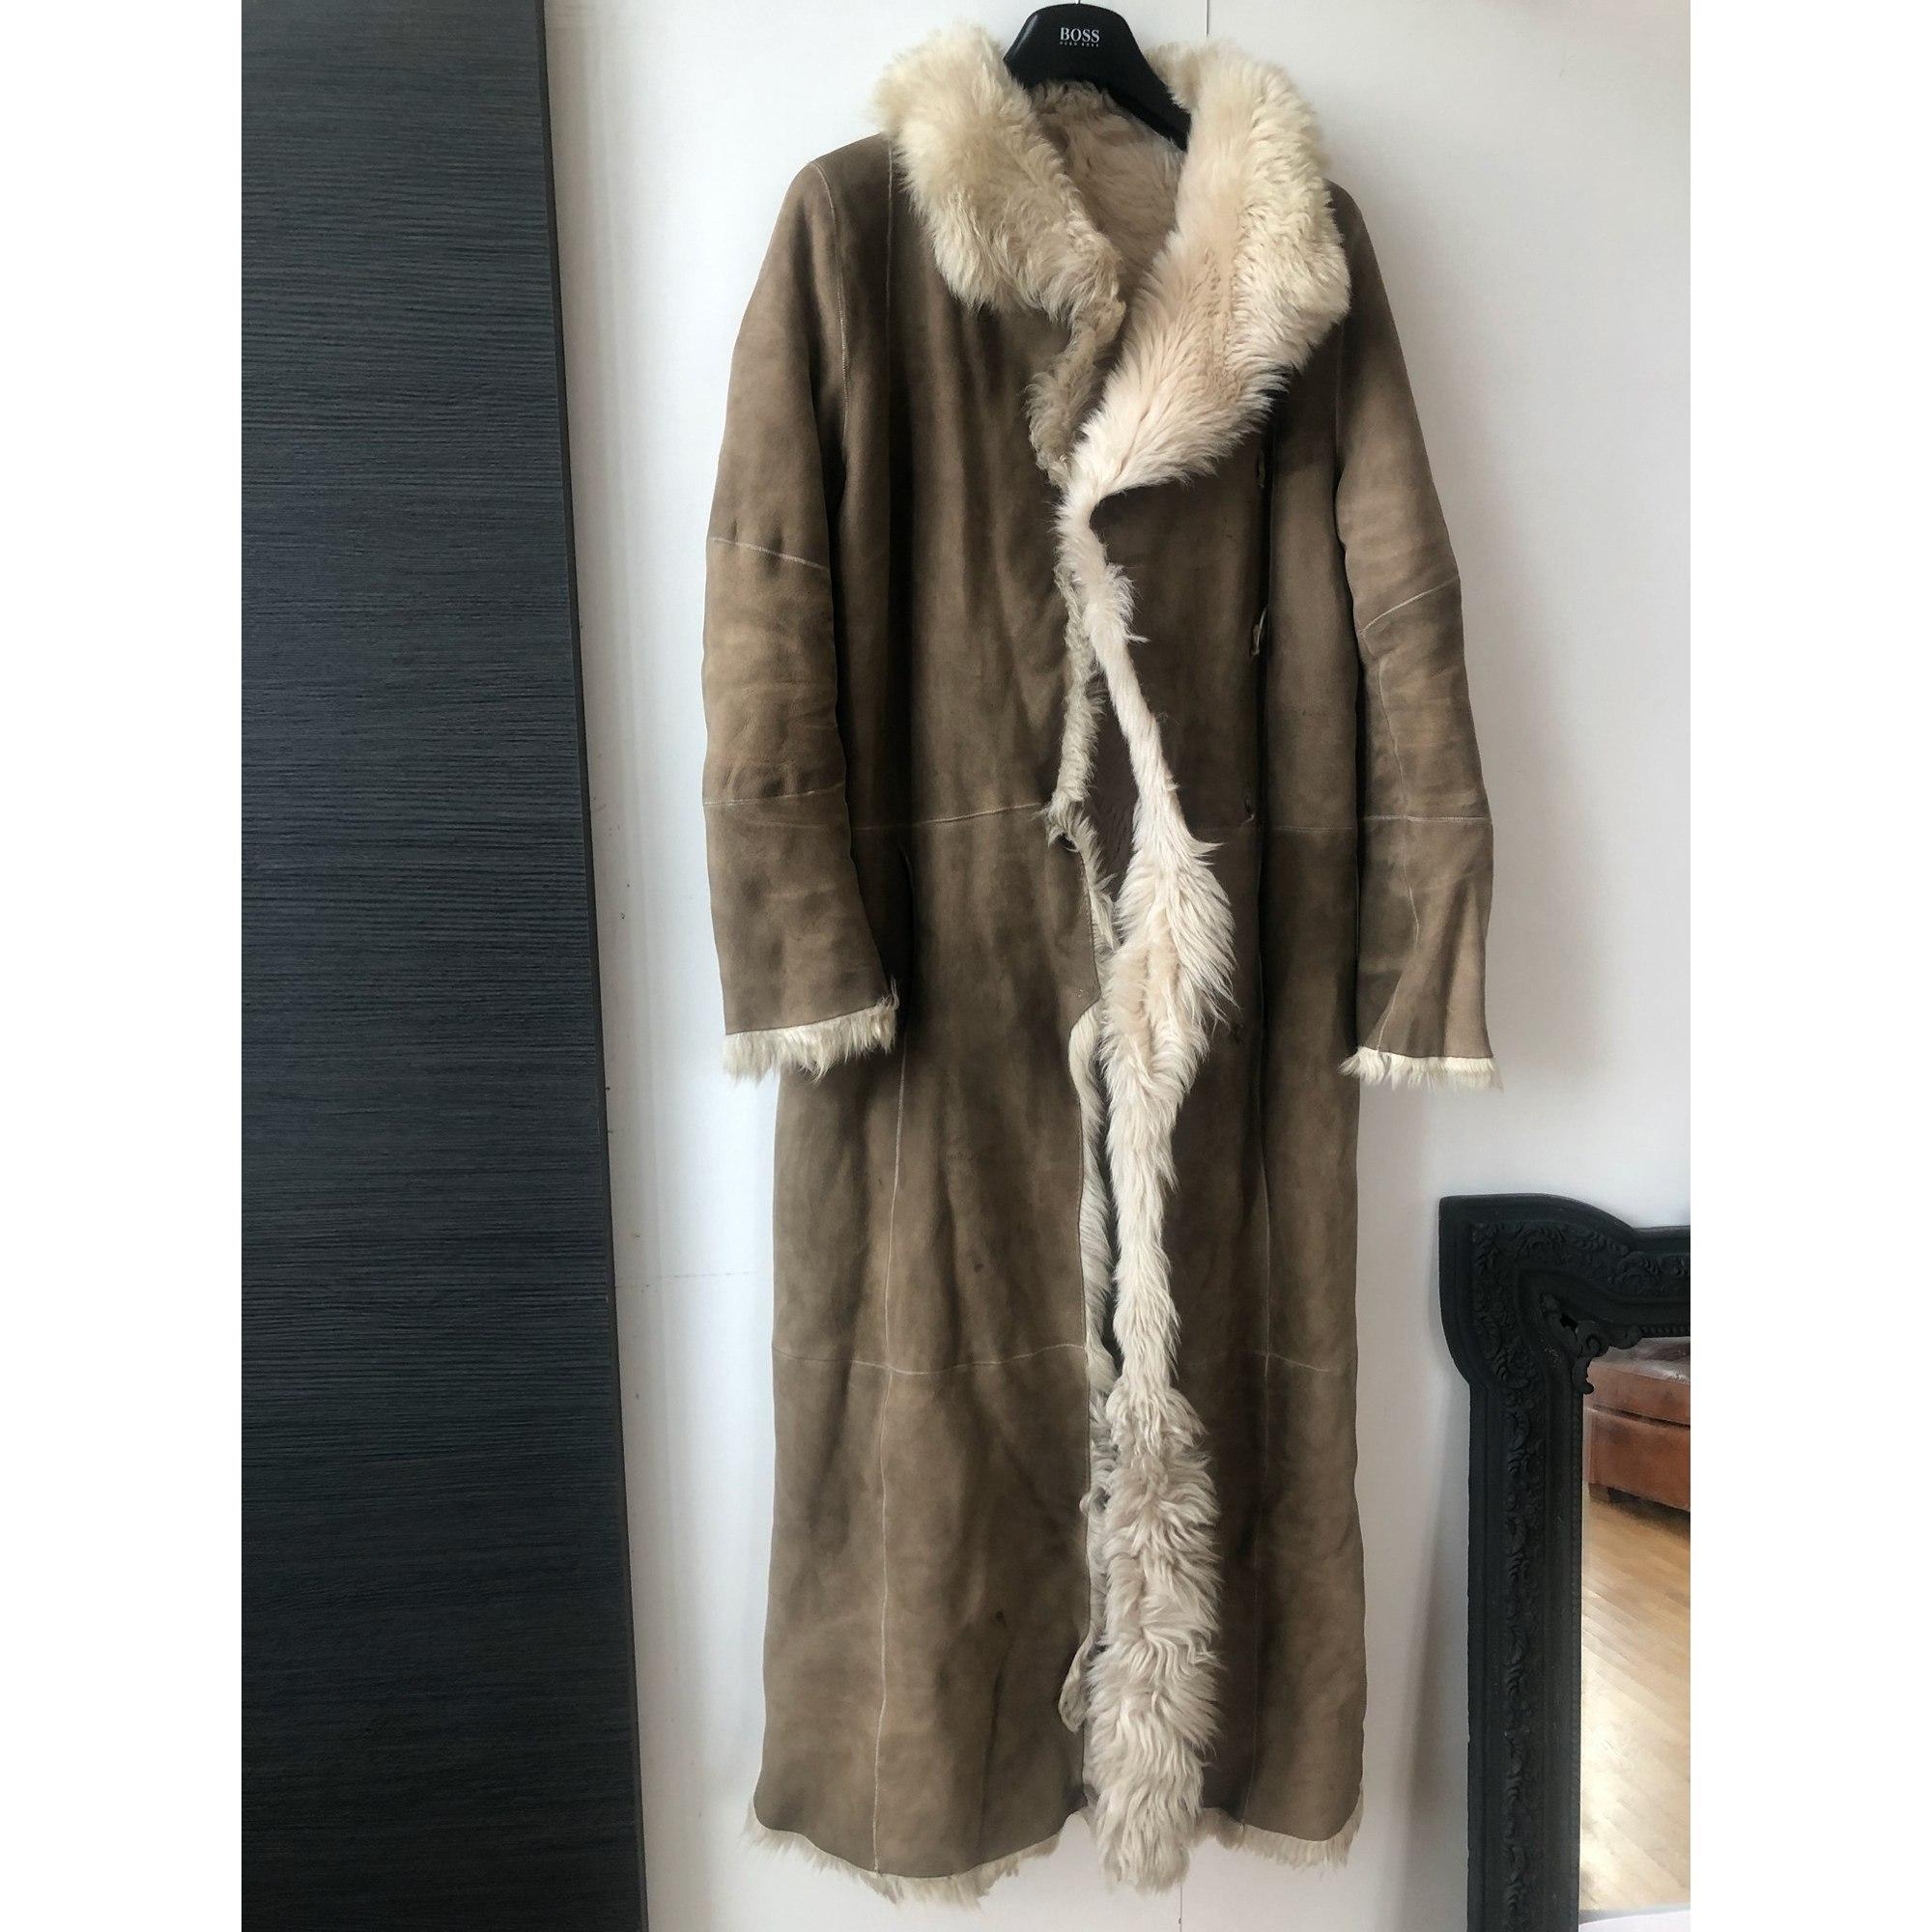 Manteau en fourrure JOSEPH Beige, camel